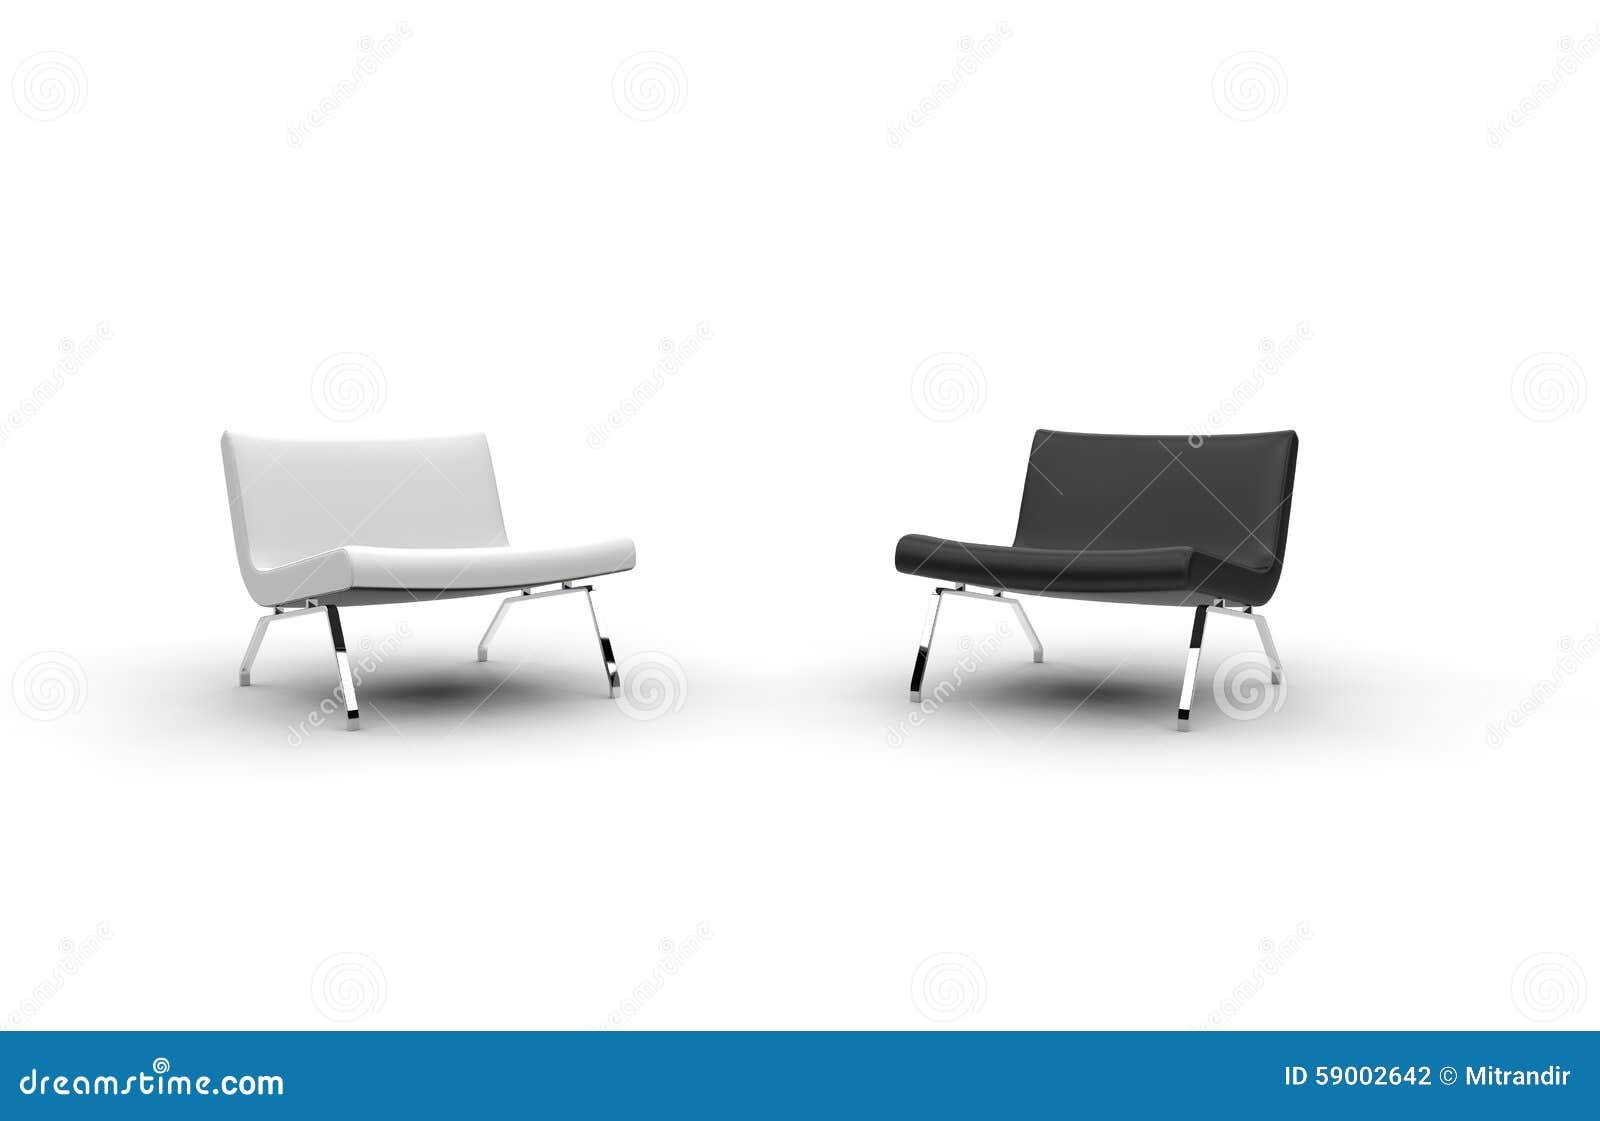 Sedie moderne gialle tavoli e sedie cucina online tavoli for Sedie nere moderne